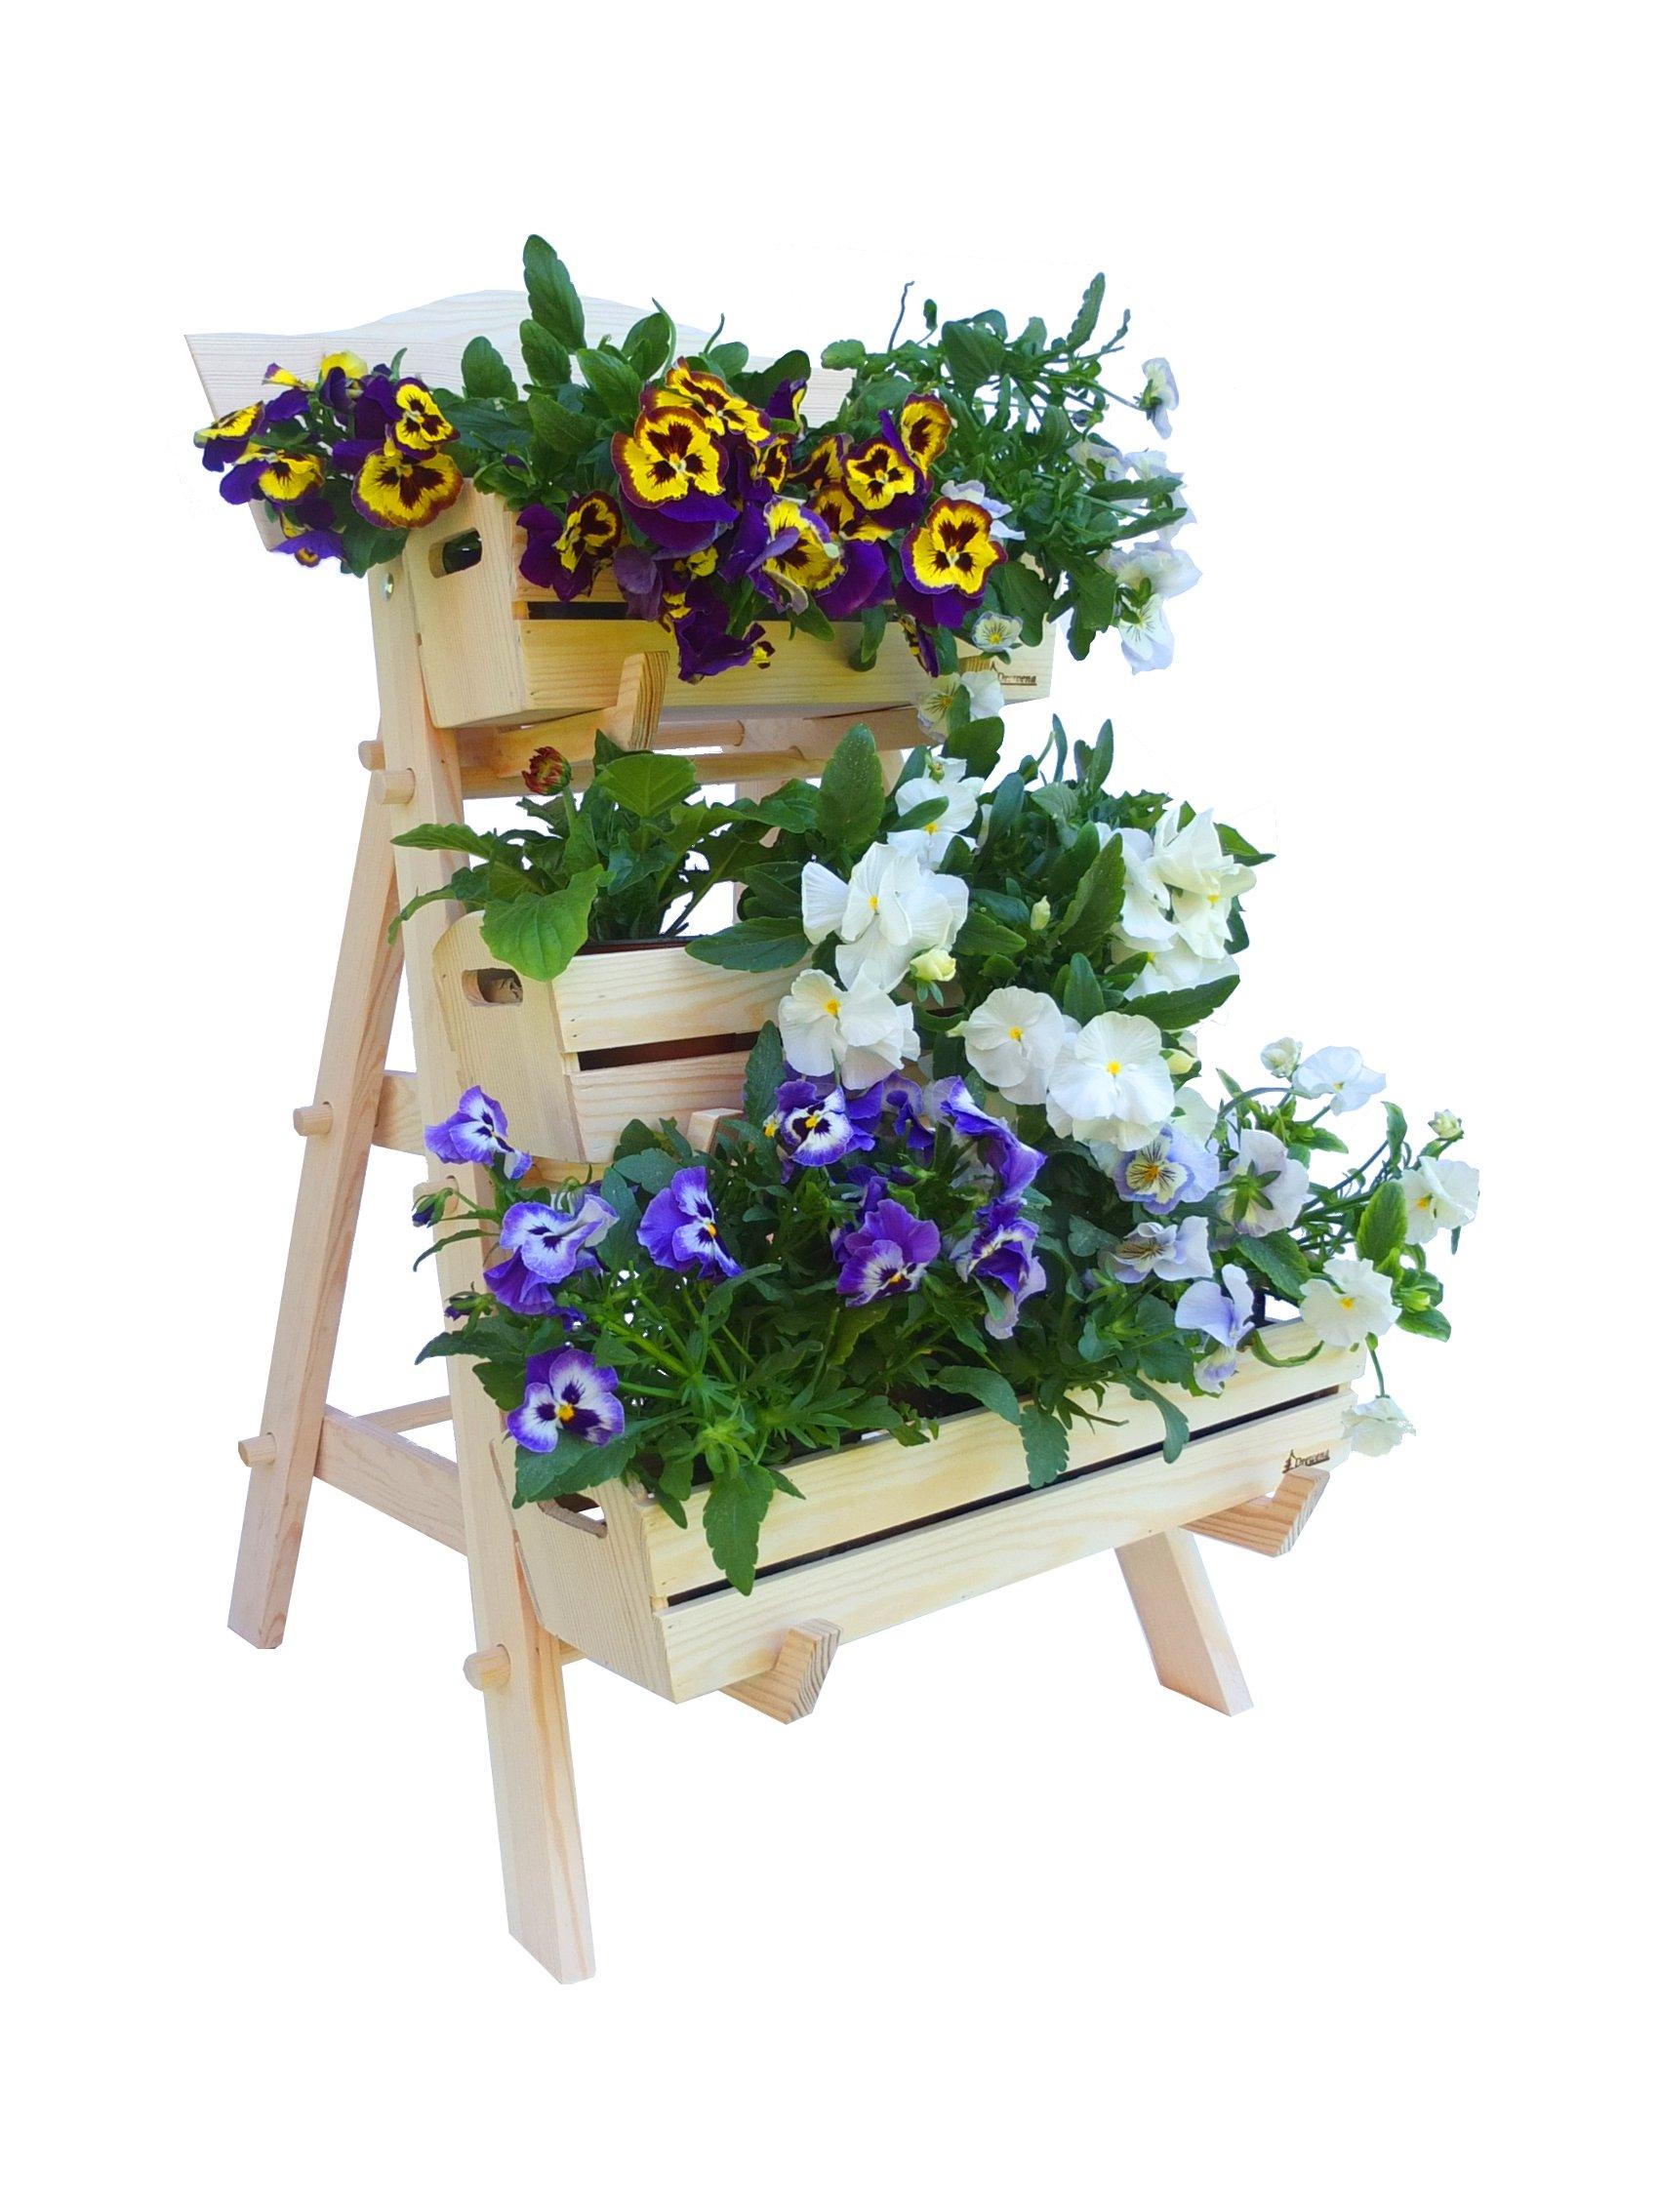 Kwietnik Drewniany Stojak Na Kwiaty Dekoracja 7190363499